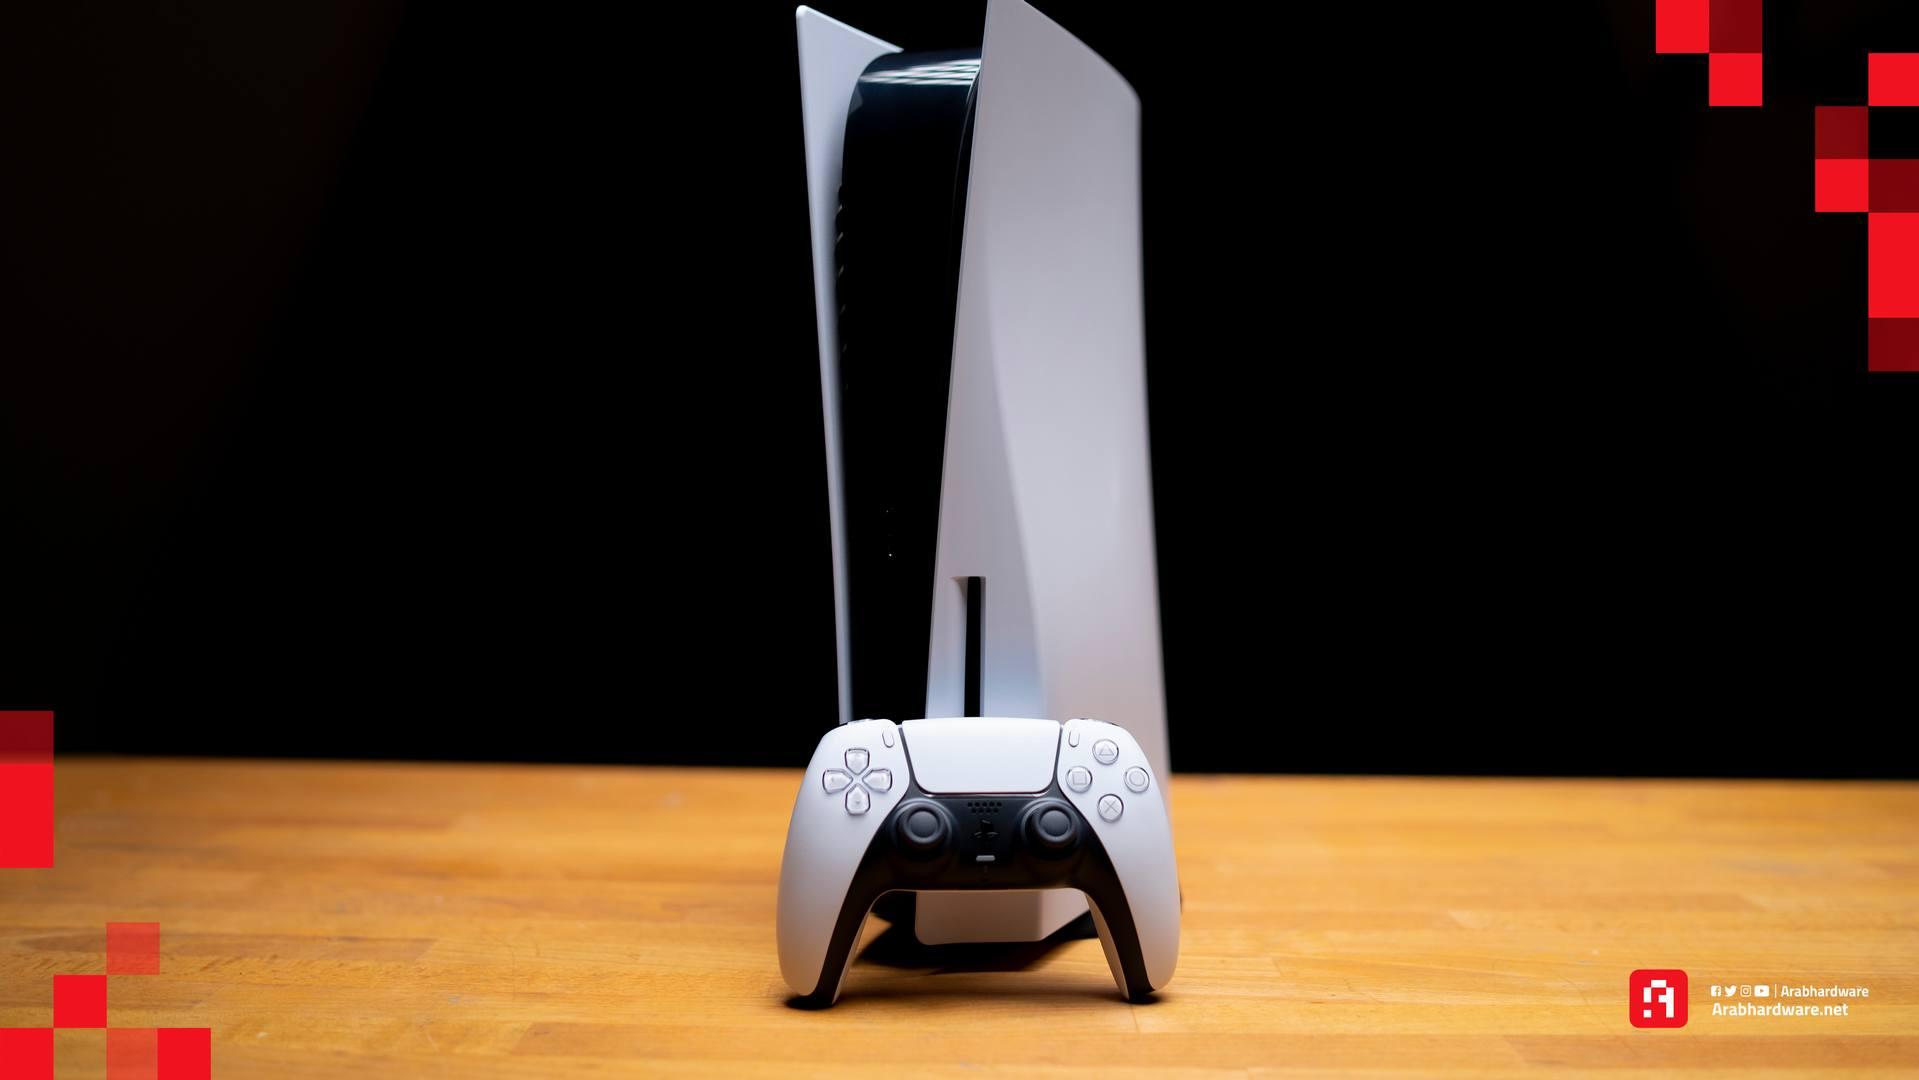 صورة شركة Sony: مخزون الـ PS5 يزداد شهر تلو الآخر و الأوضاع ستتحسن قريباً